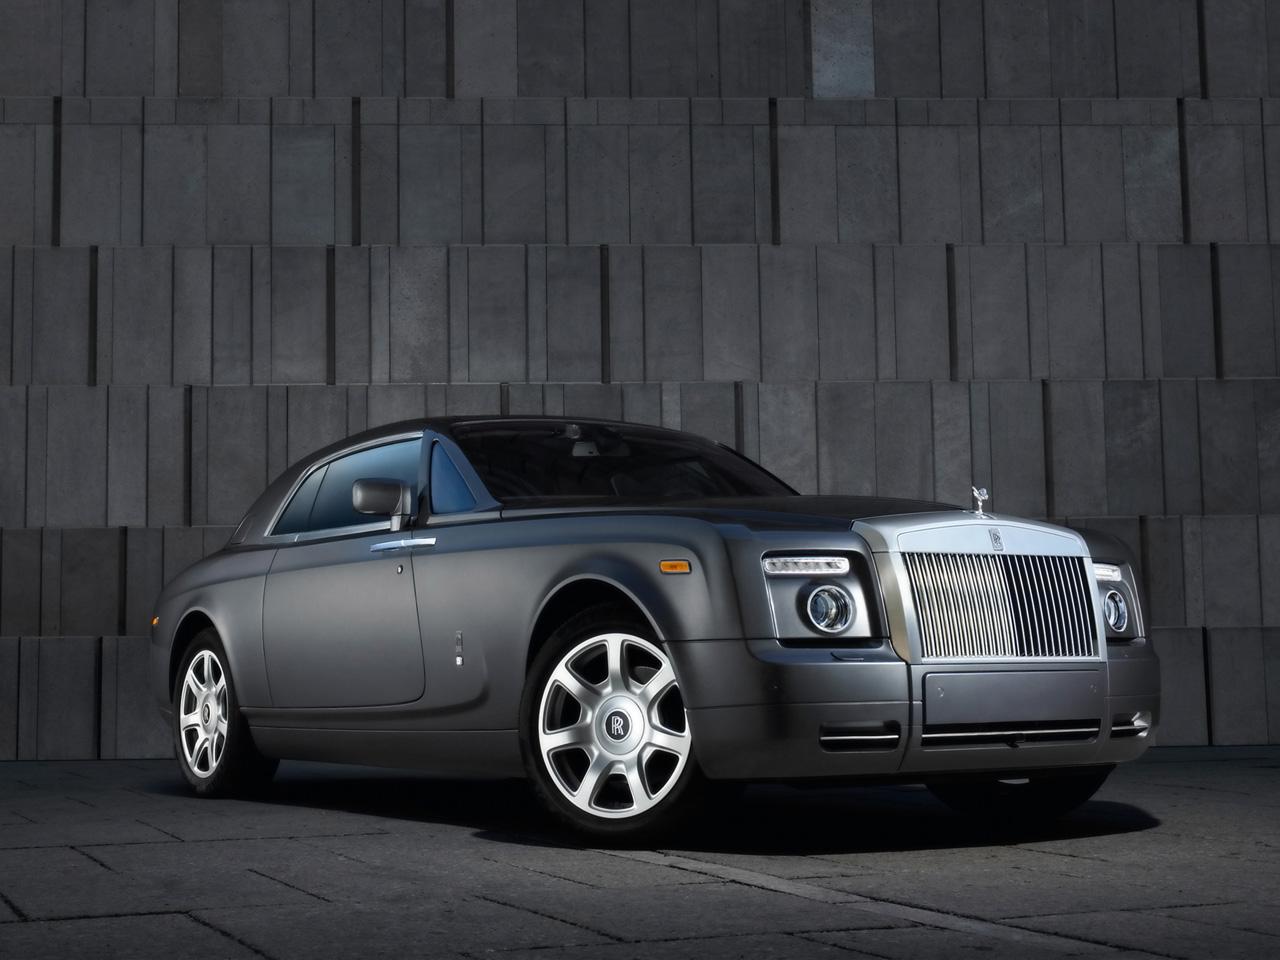 Best Luxury Car To Buy Used